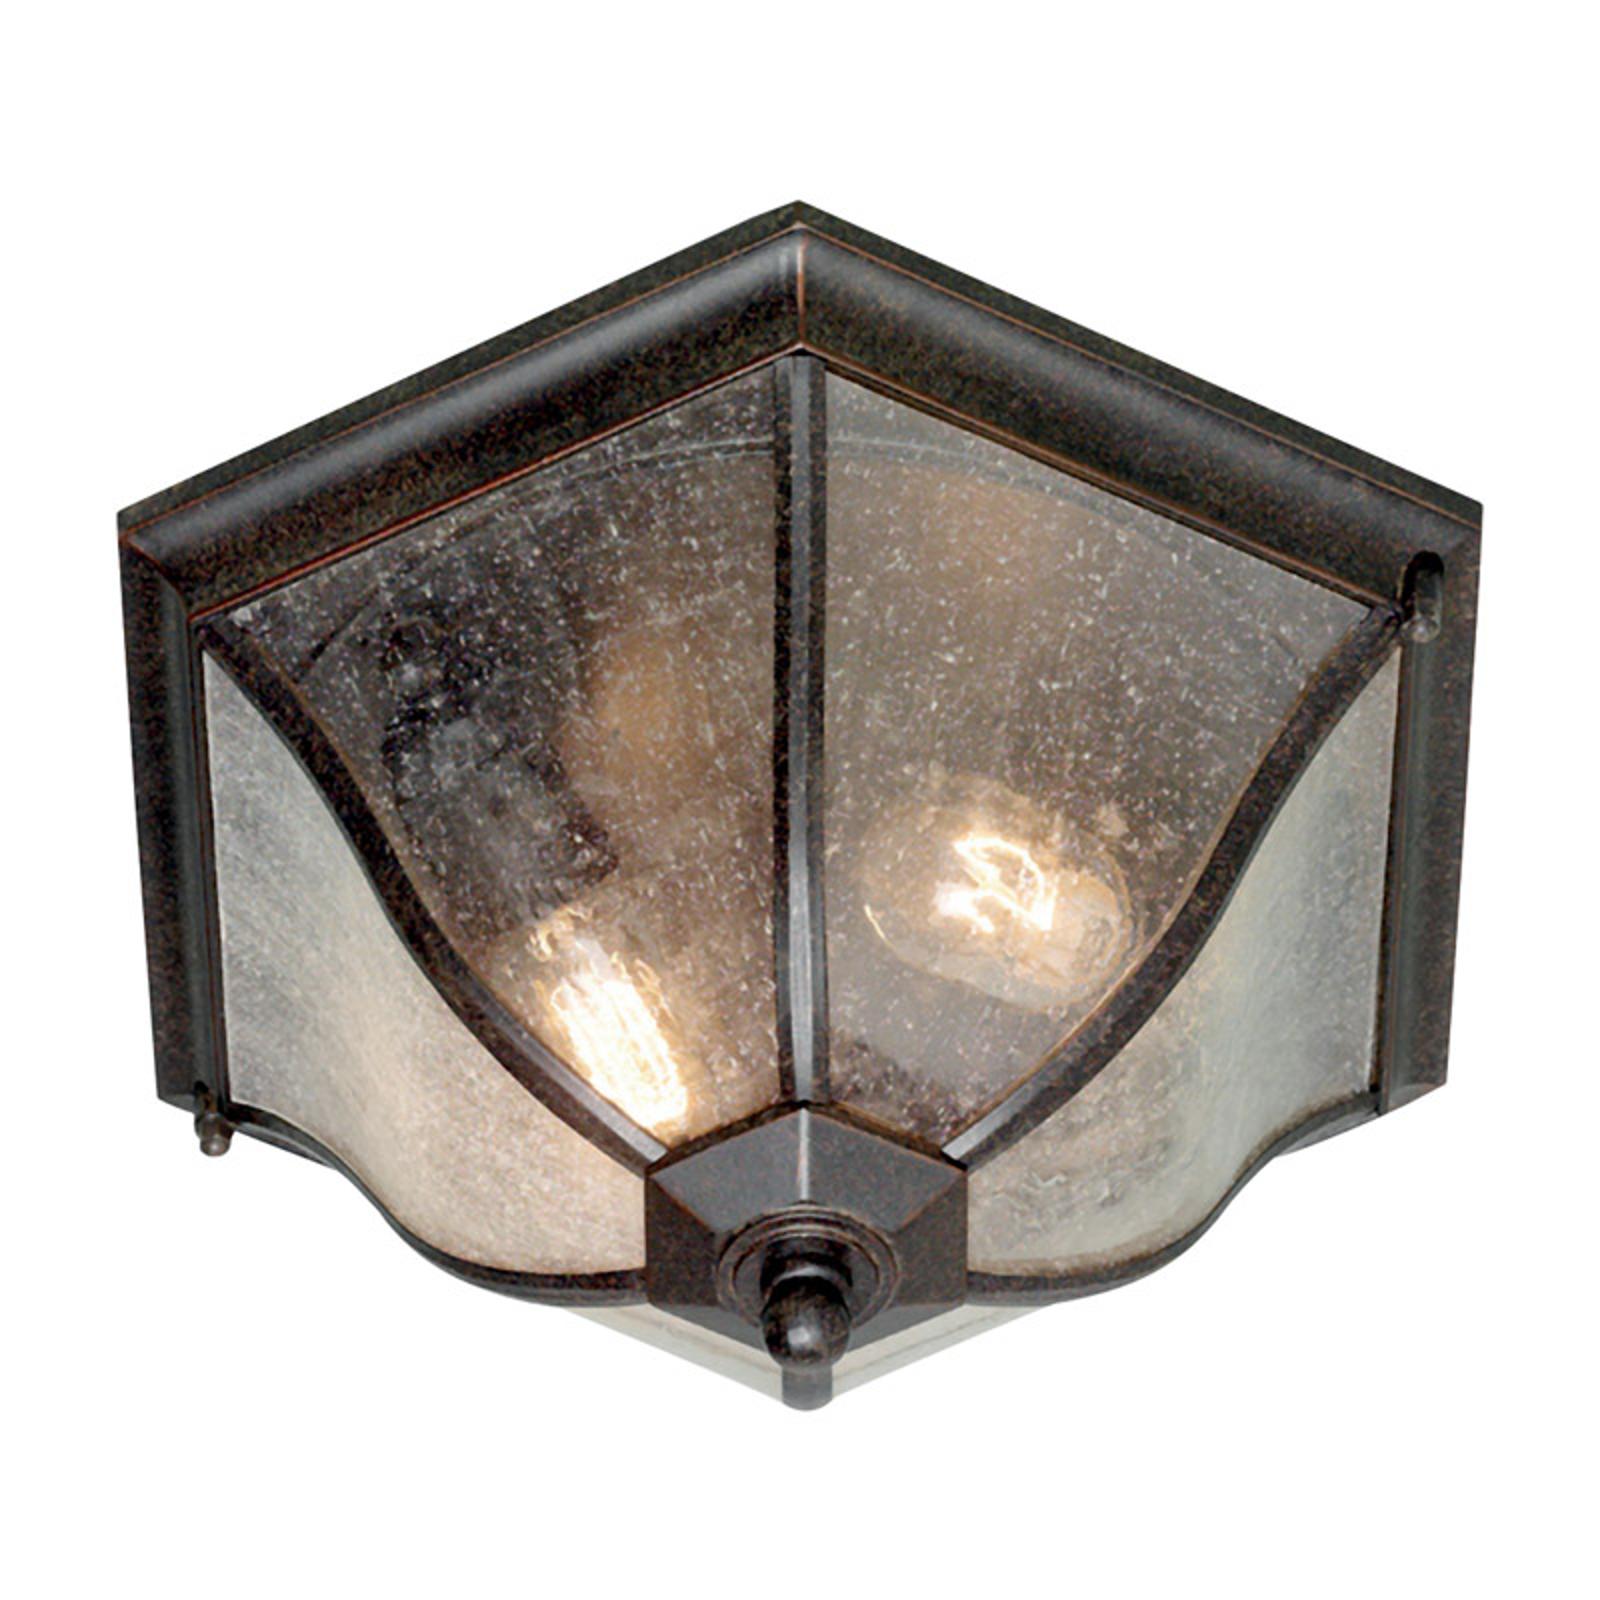 Bronzovo sfarbené vonkajšie svietidlo New England_3048373_1